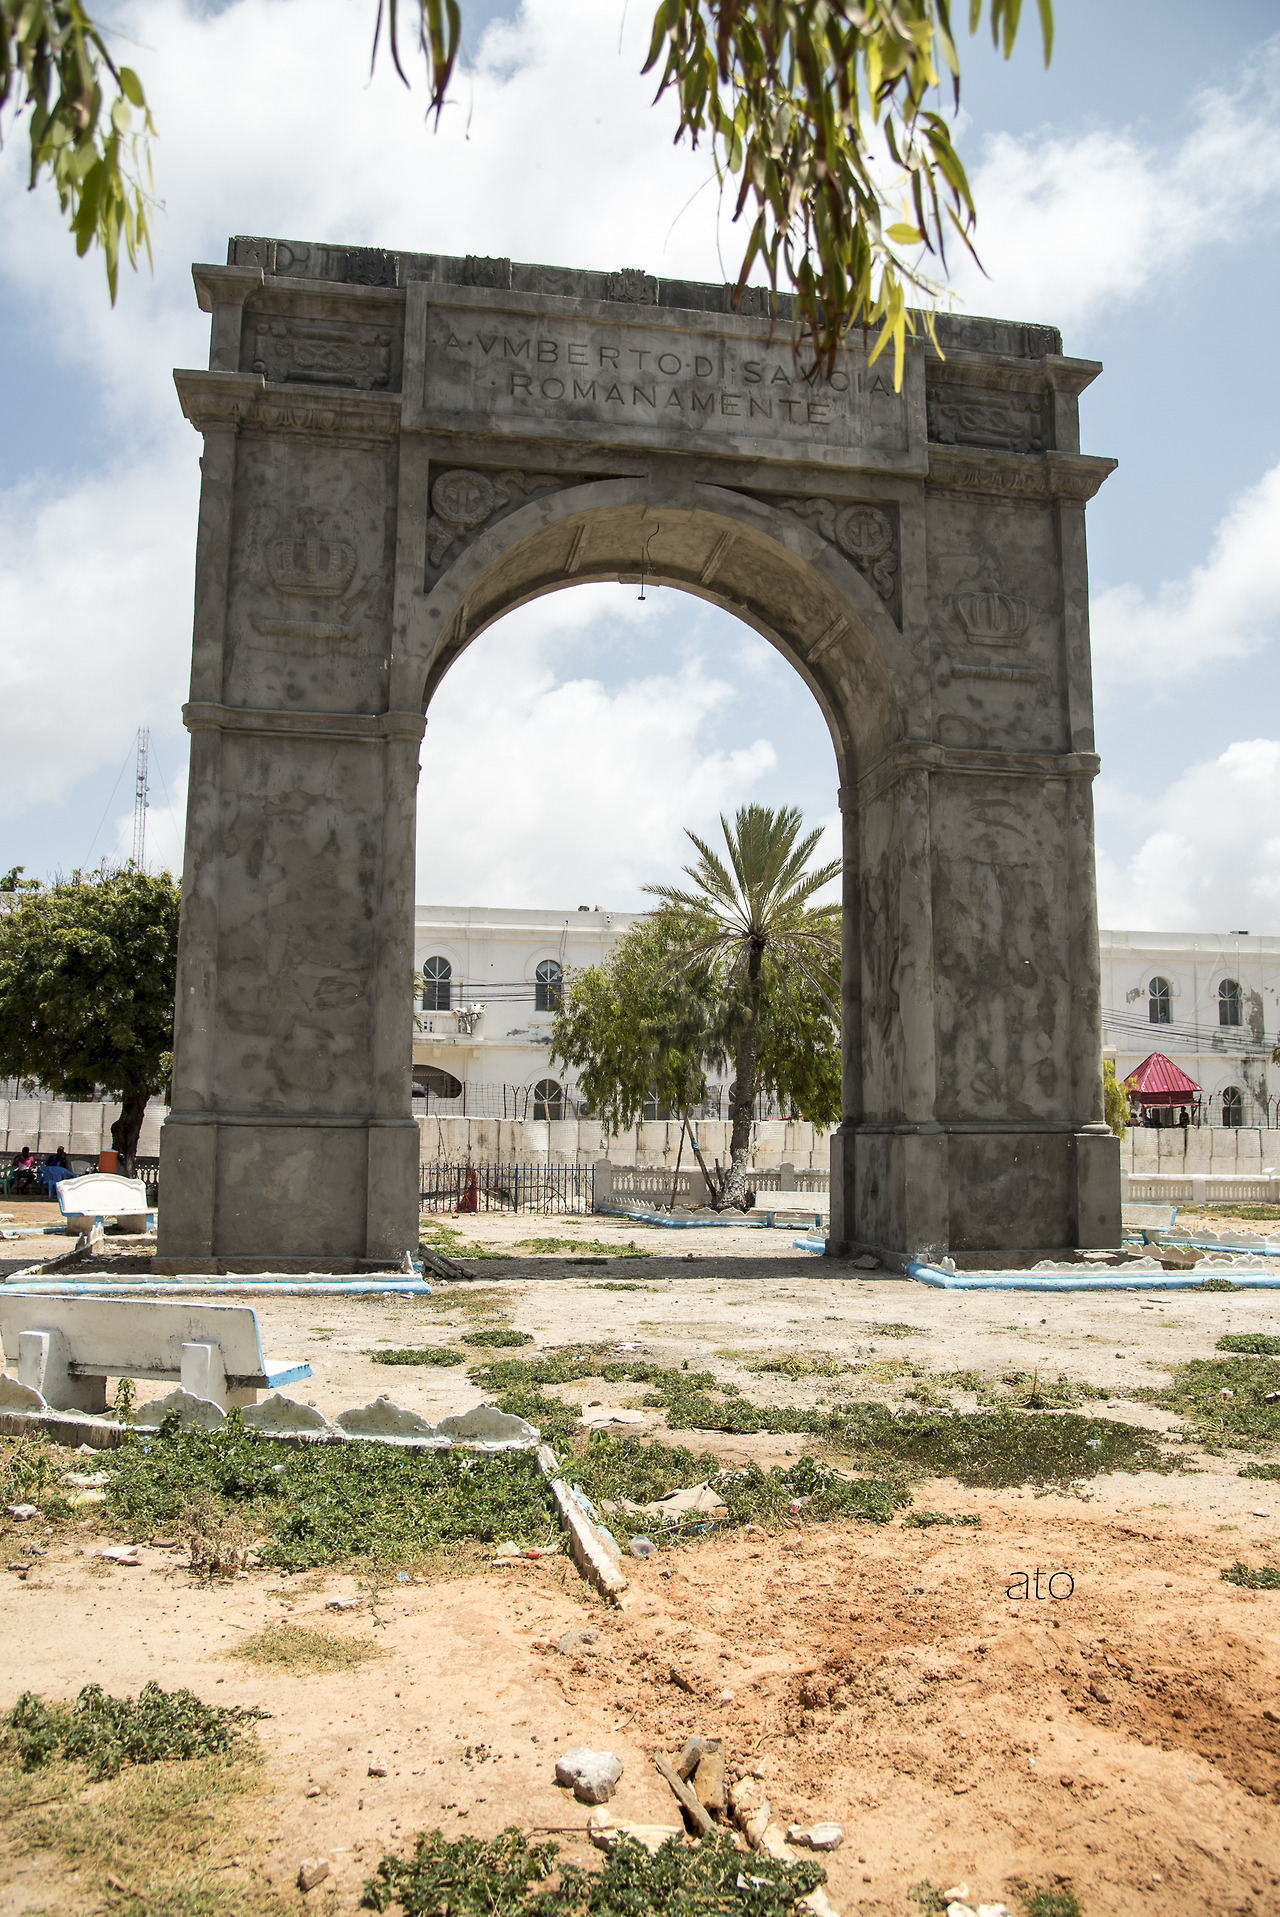 L'arco di trionfo eretto nel 1929 in onore del principe ereditario Umberto (Mogadishuimages)